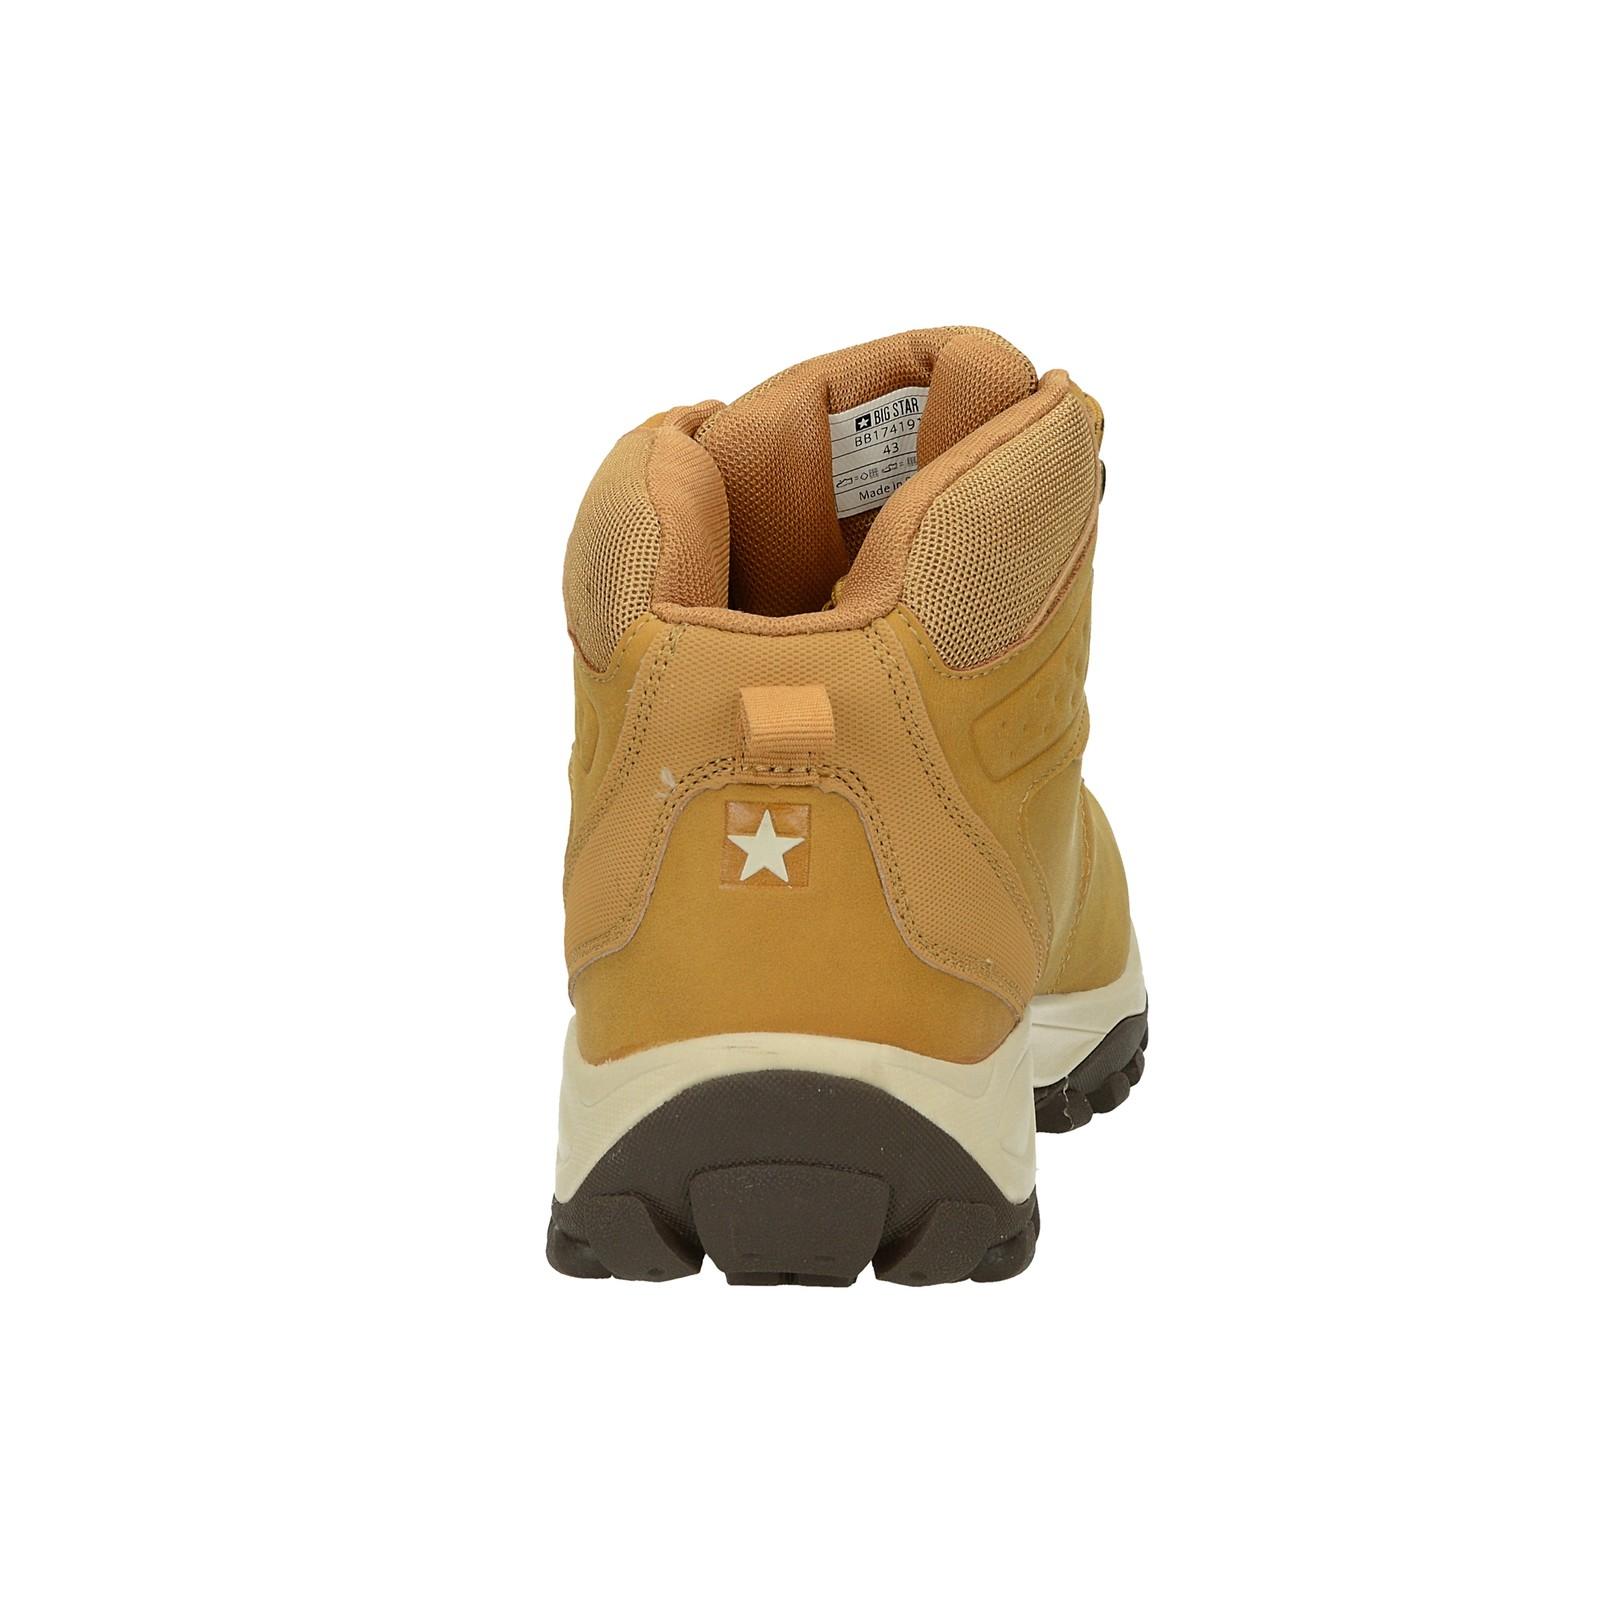 Big Star pánská zateplená kotníková obuv - béžová